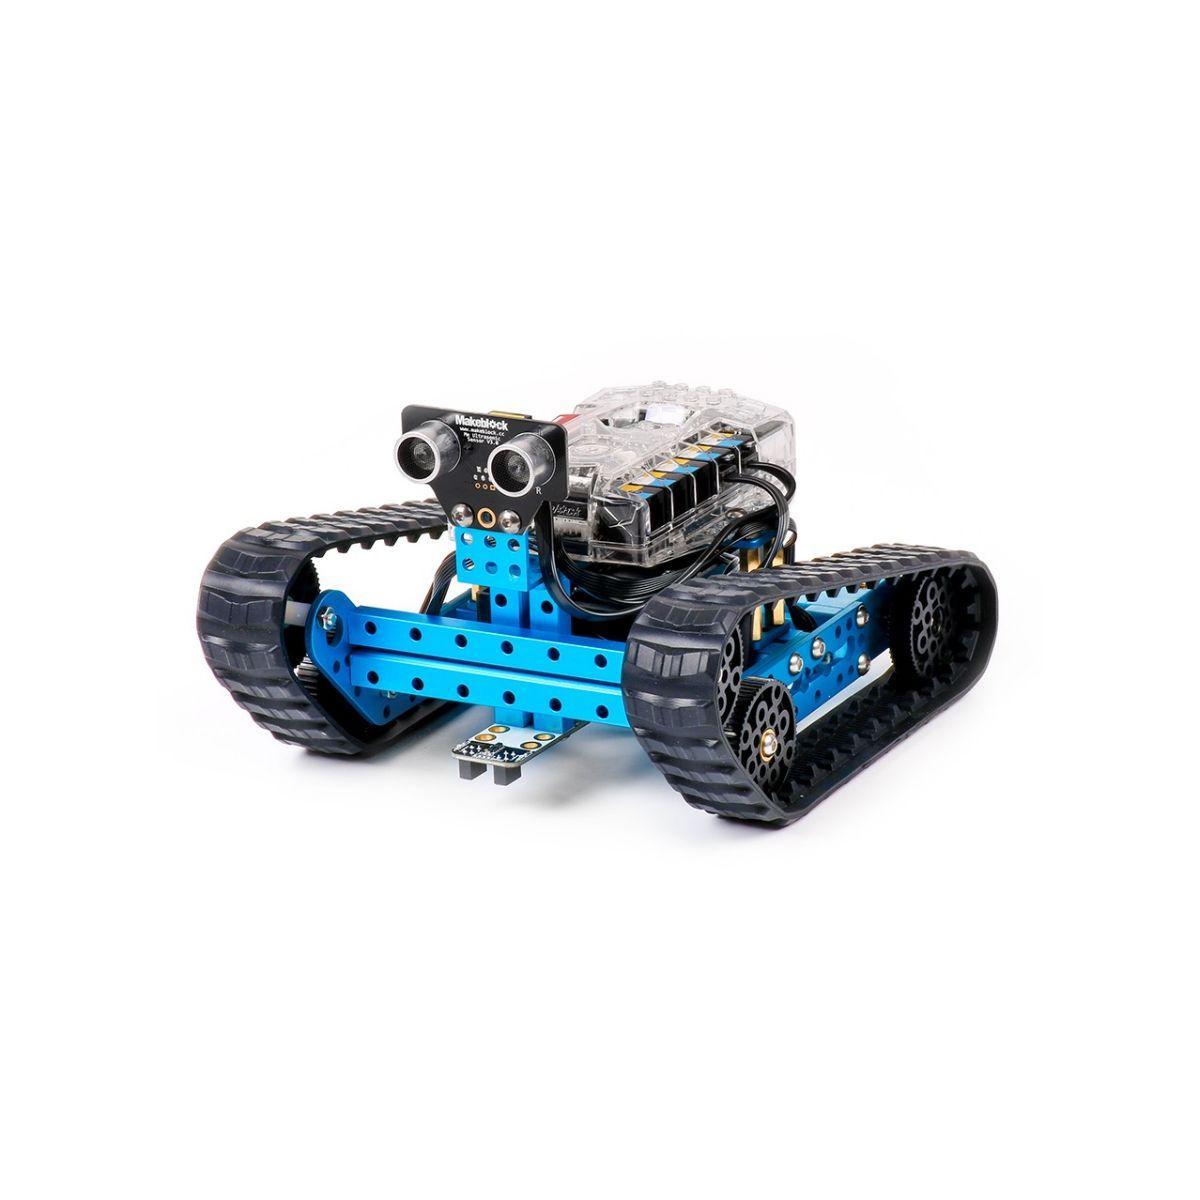 Jeu makeblock robot ranger - 10% de remise immédiate avec le code : cool10 (photo)